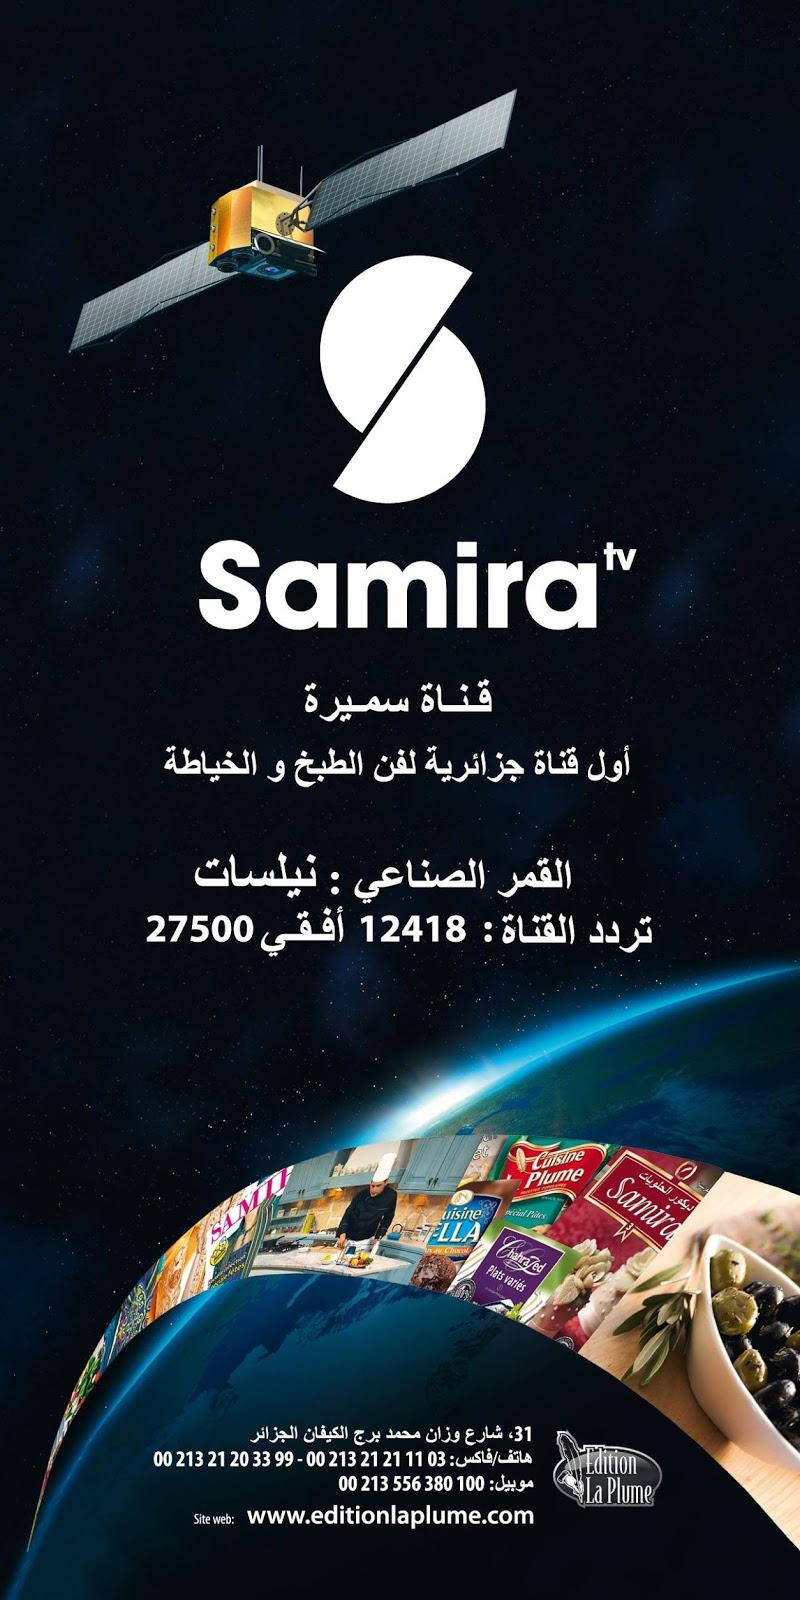 La Chaîne Samira: